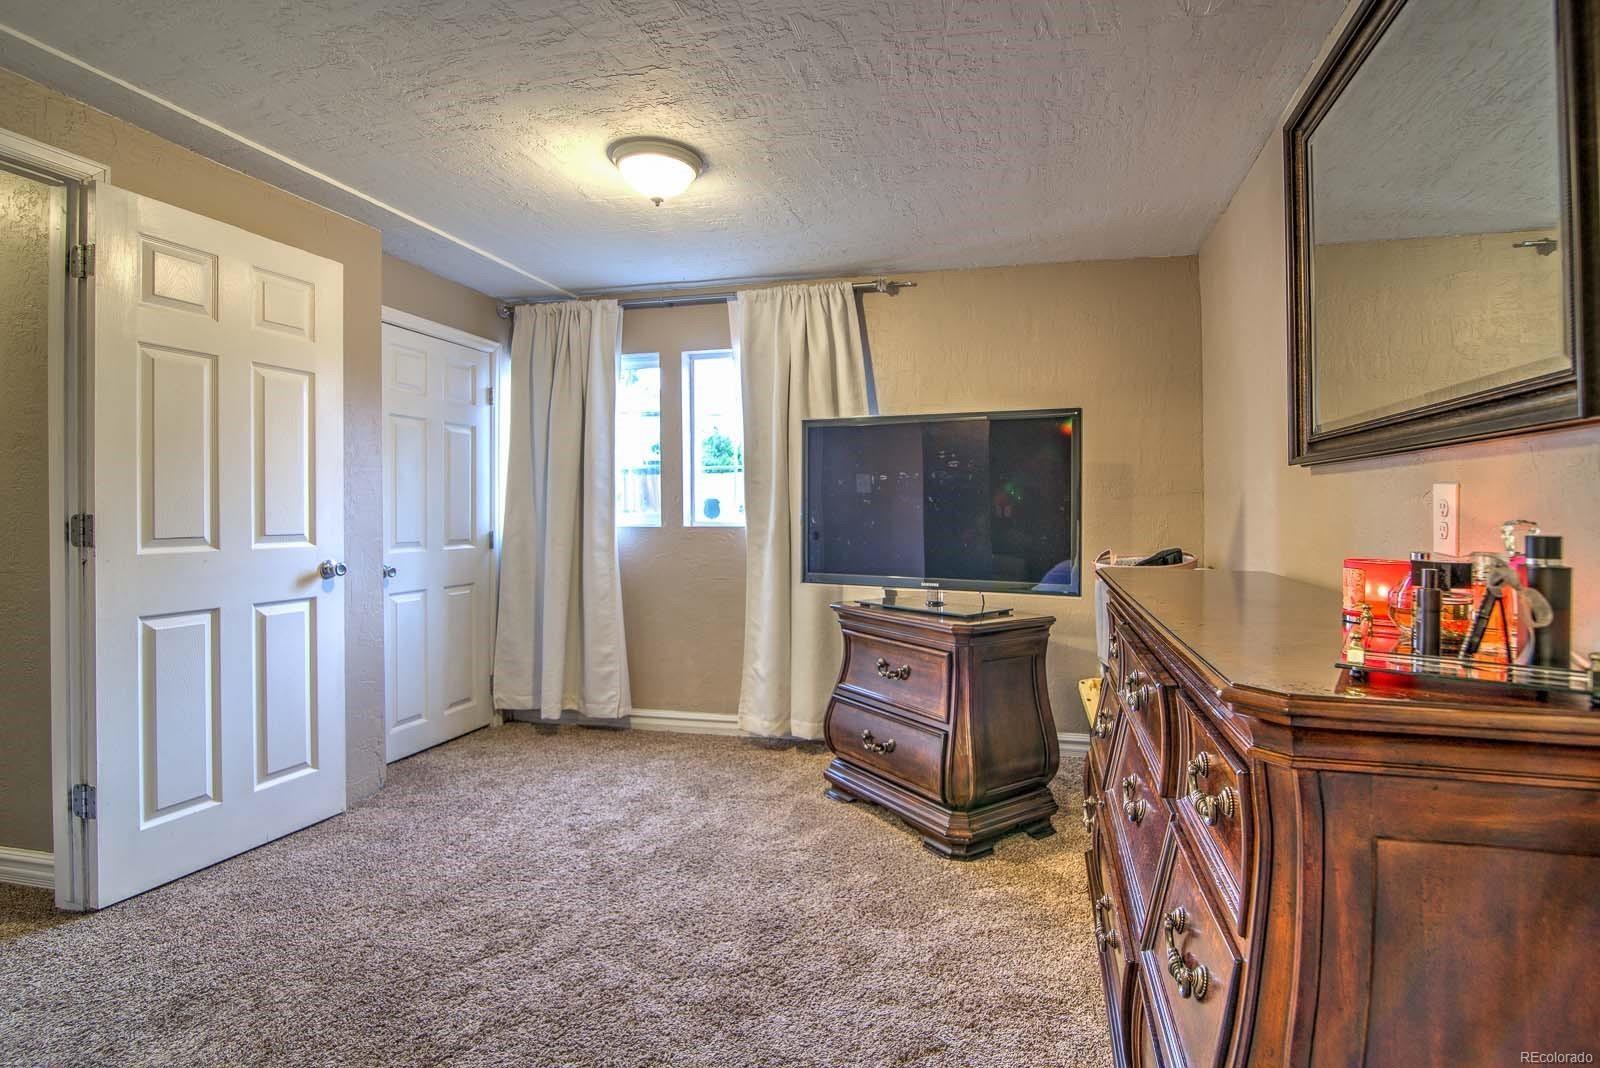 MLS# 4599263 - 14 - 1624 Nueva Vista Drive, Denver, CO 80229